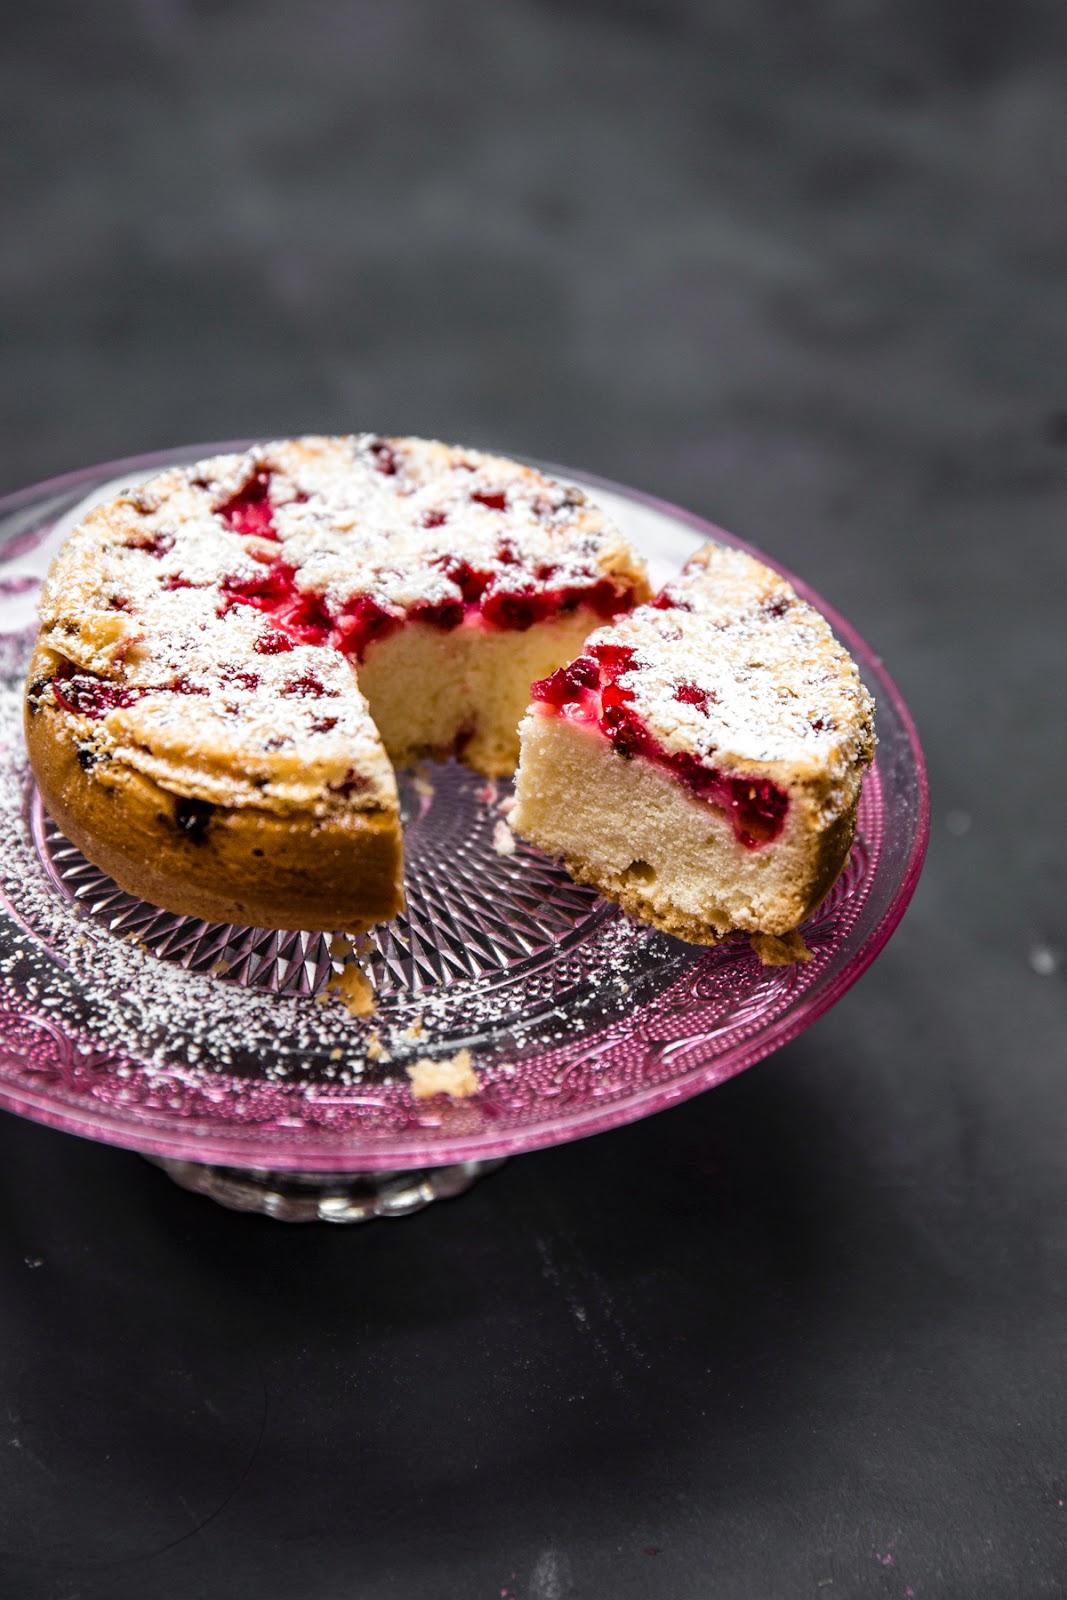 przepis-na-ciasto-z-owocami-sezonowymi_mloda-zonka